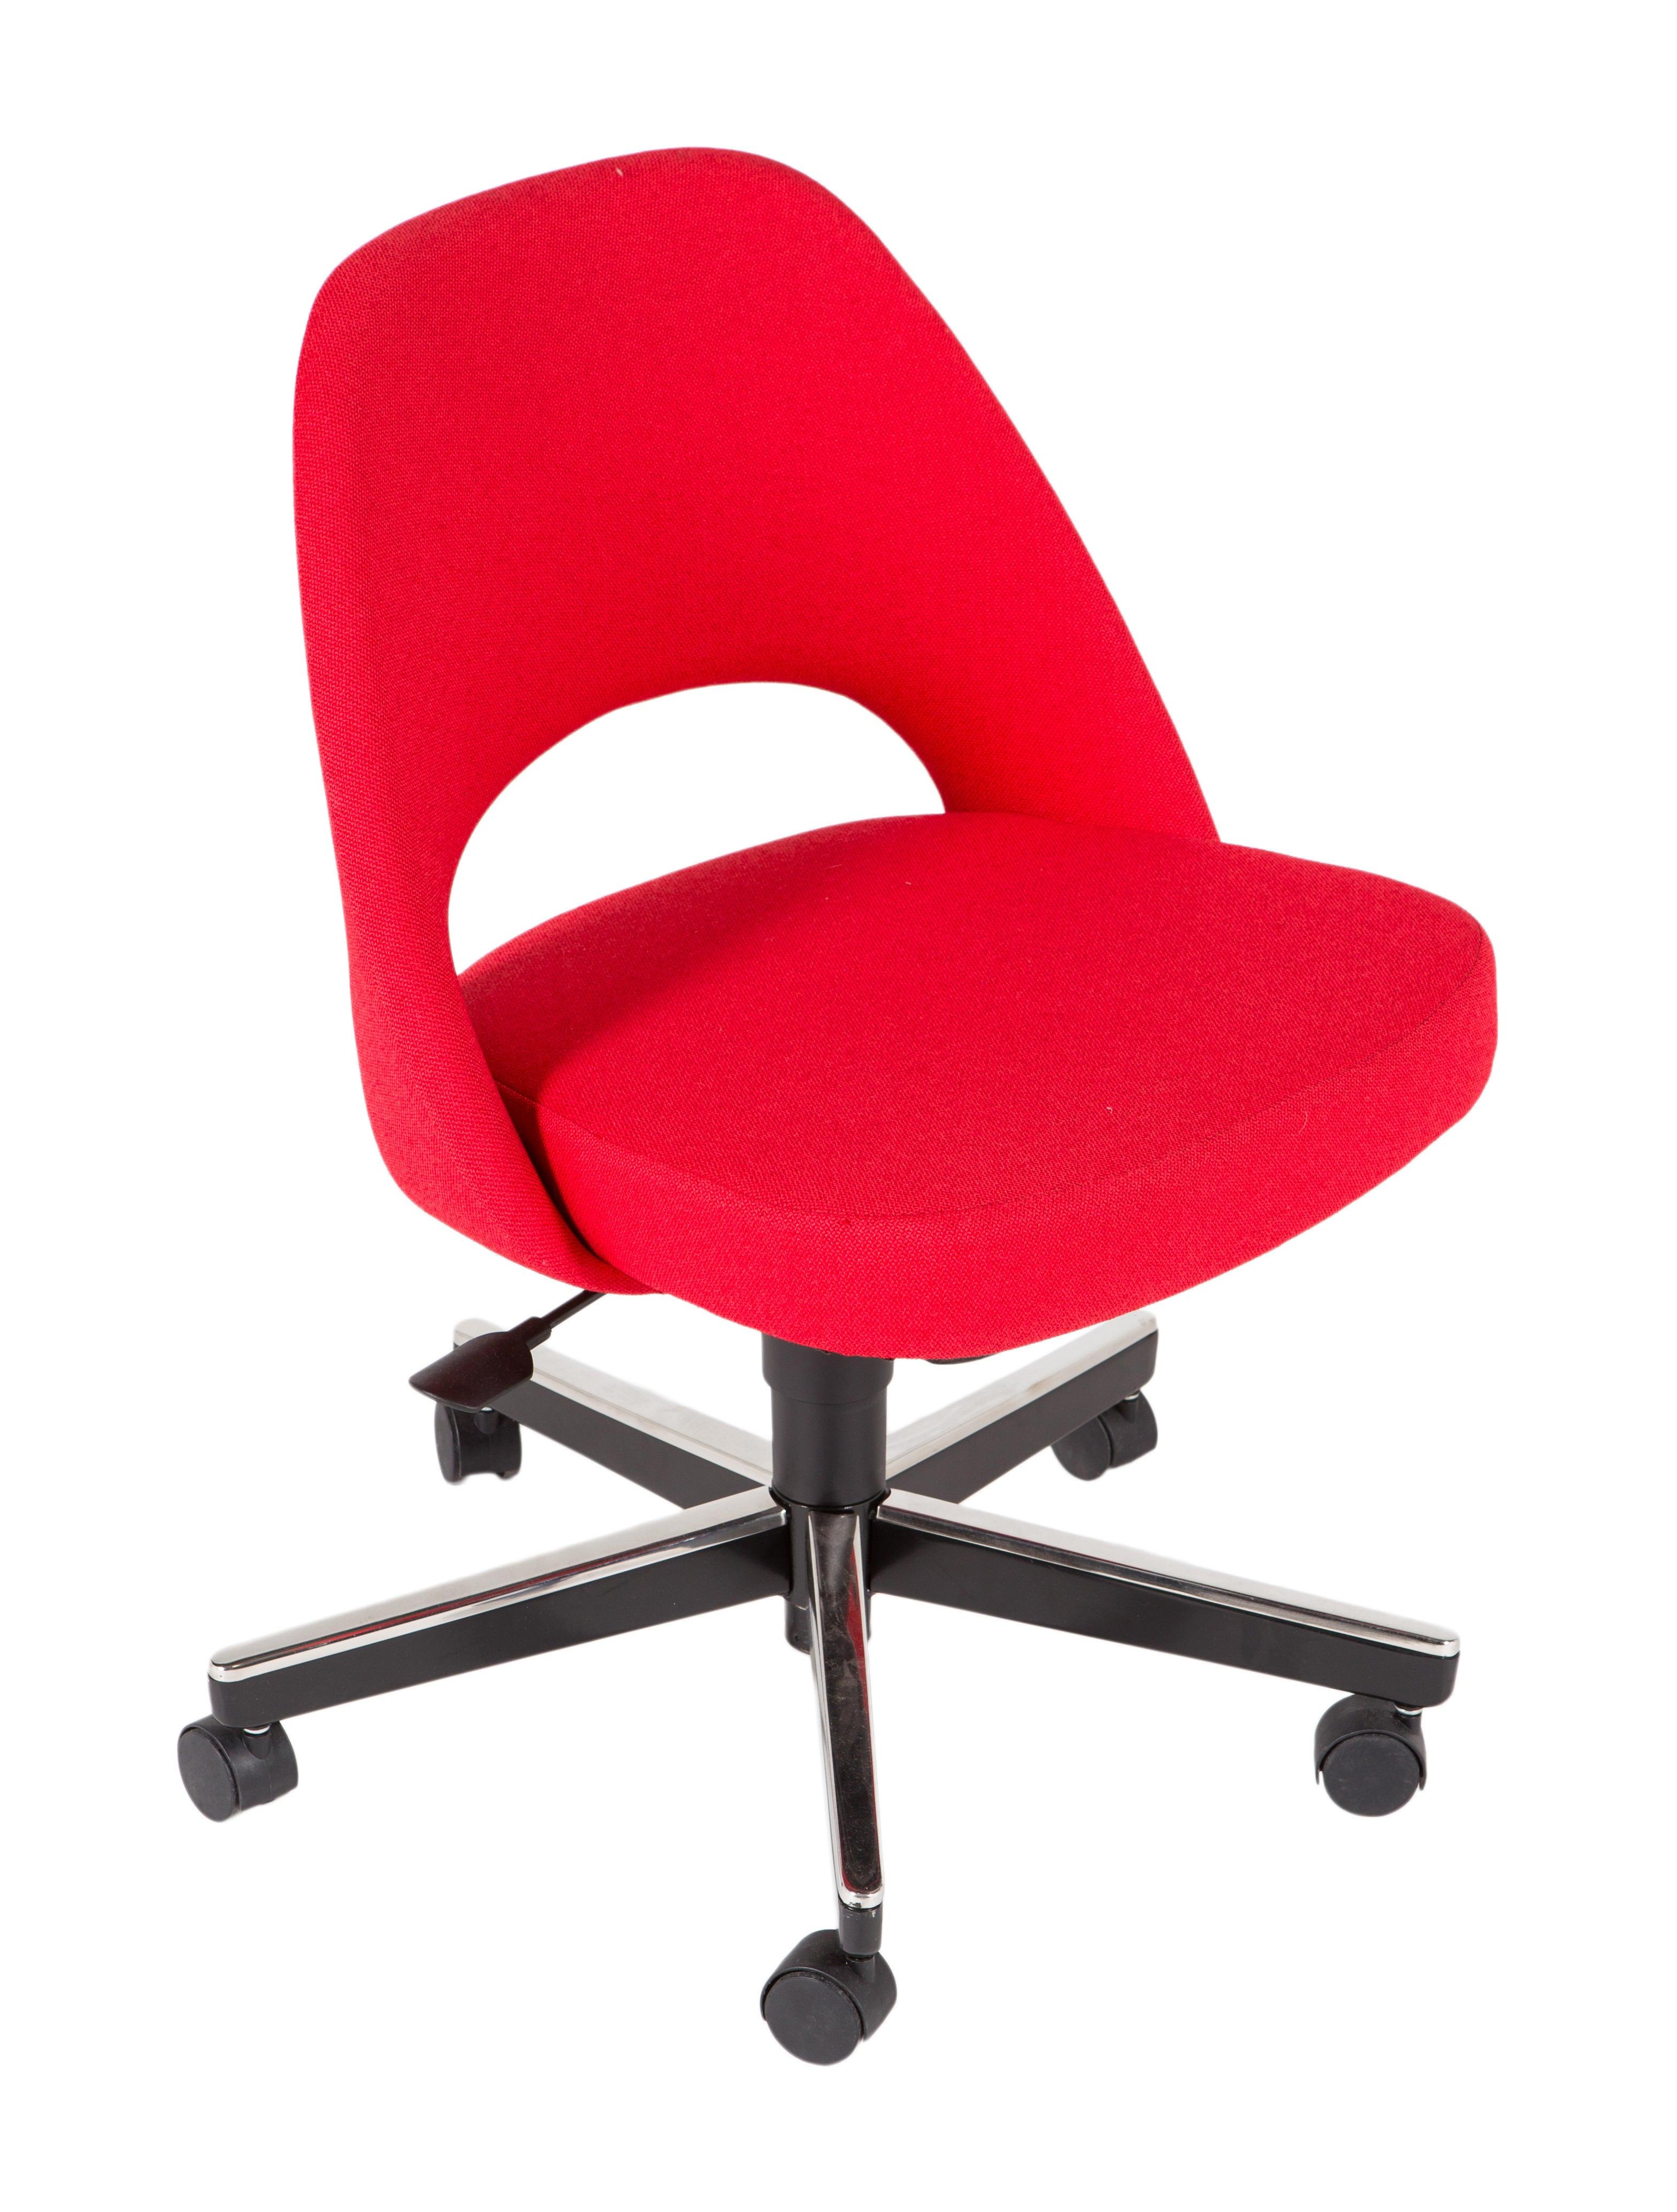 Knoll saarinen executive armless chair furniture for Saarinen executive armless chair